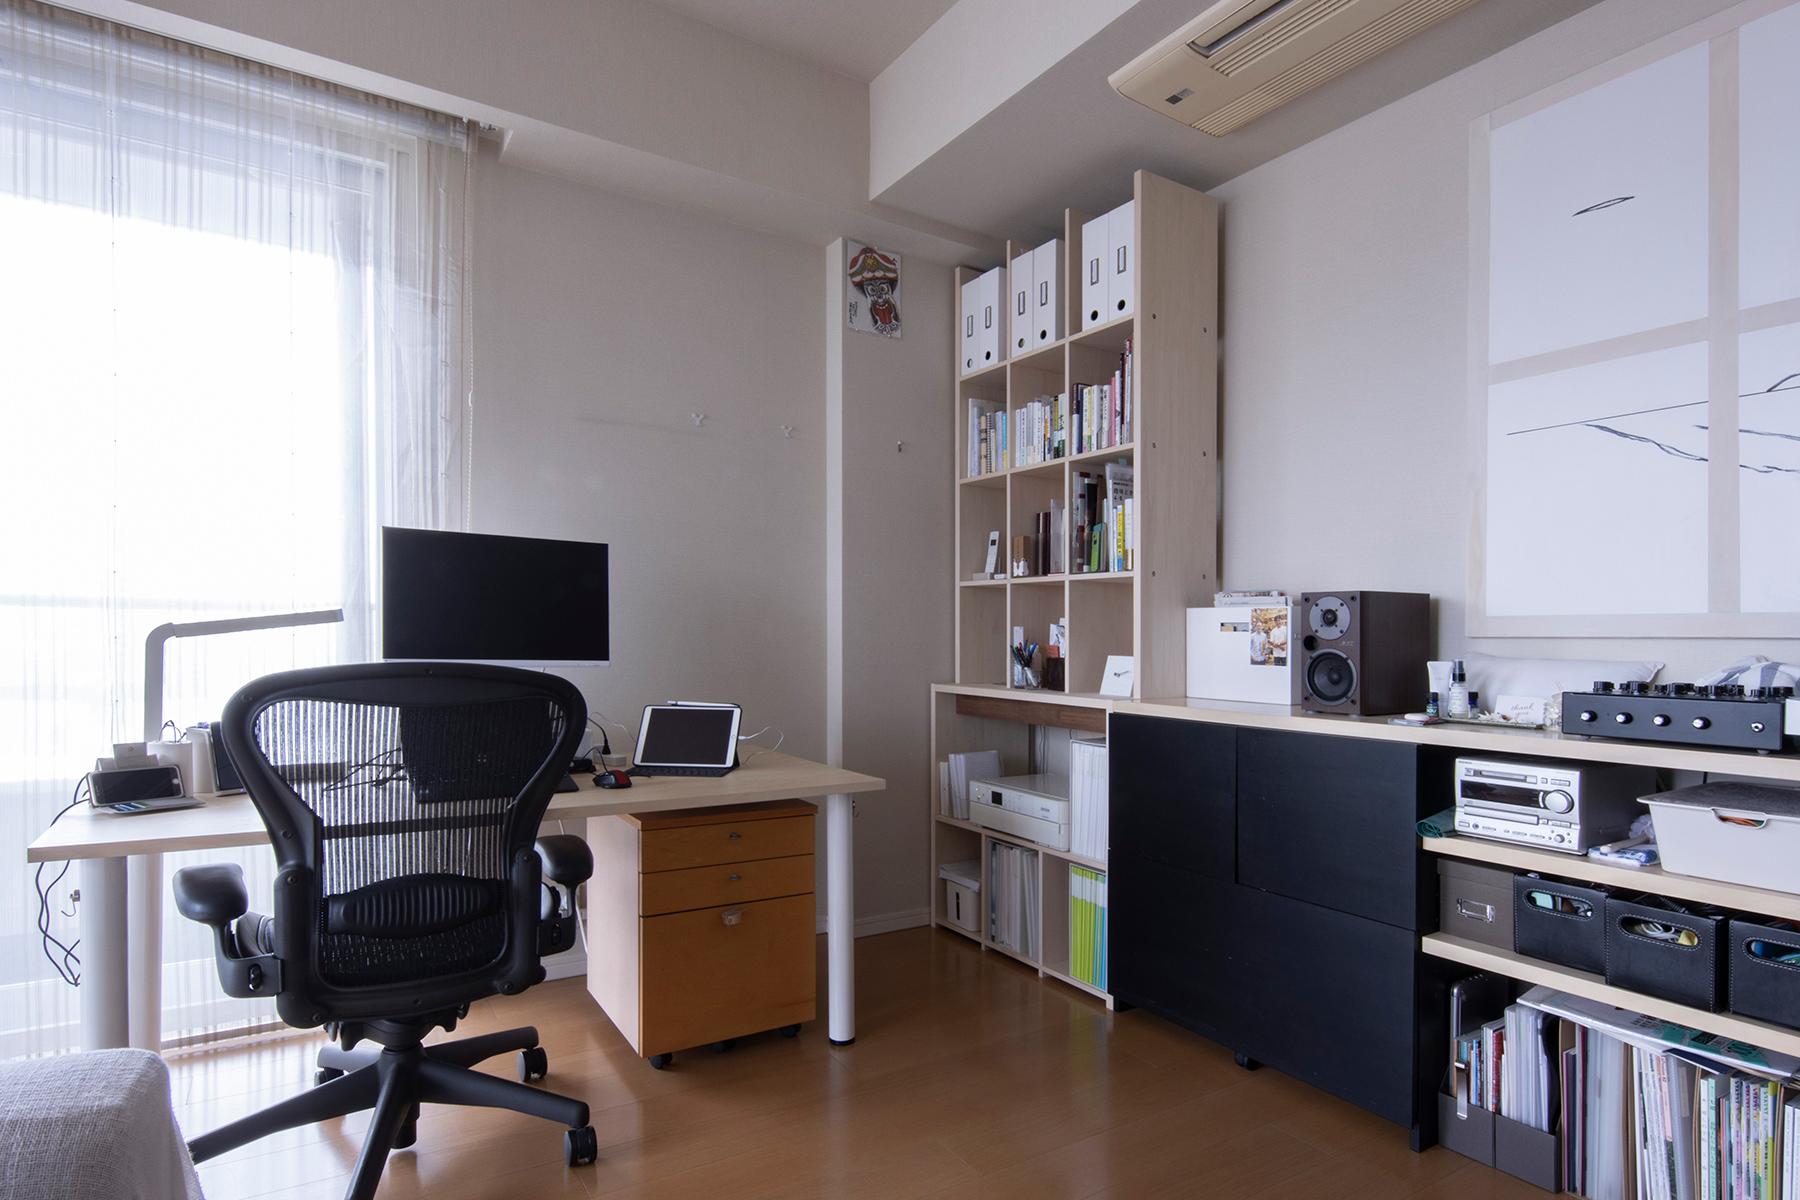 共通のエレメントで家具を足していく | 壁一面の本棚 奥行350mm / Shelf (No.123) | マルゲリータ使用例